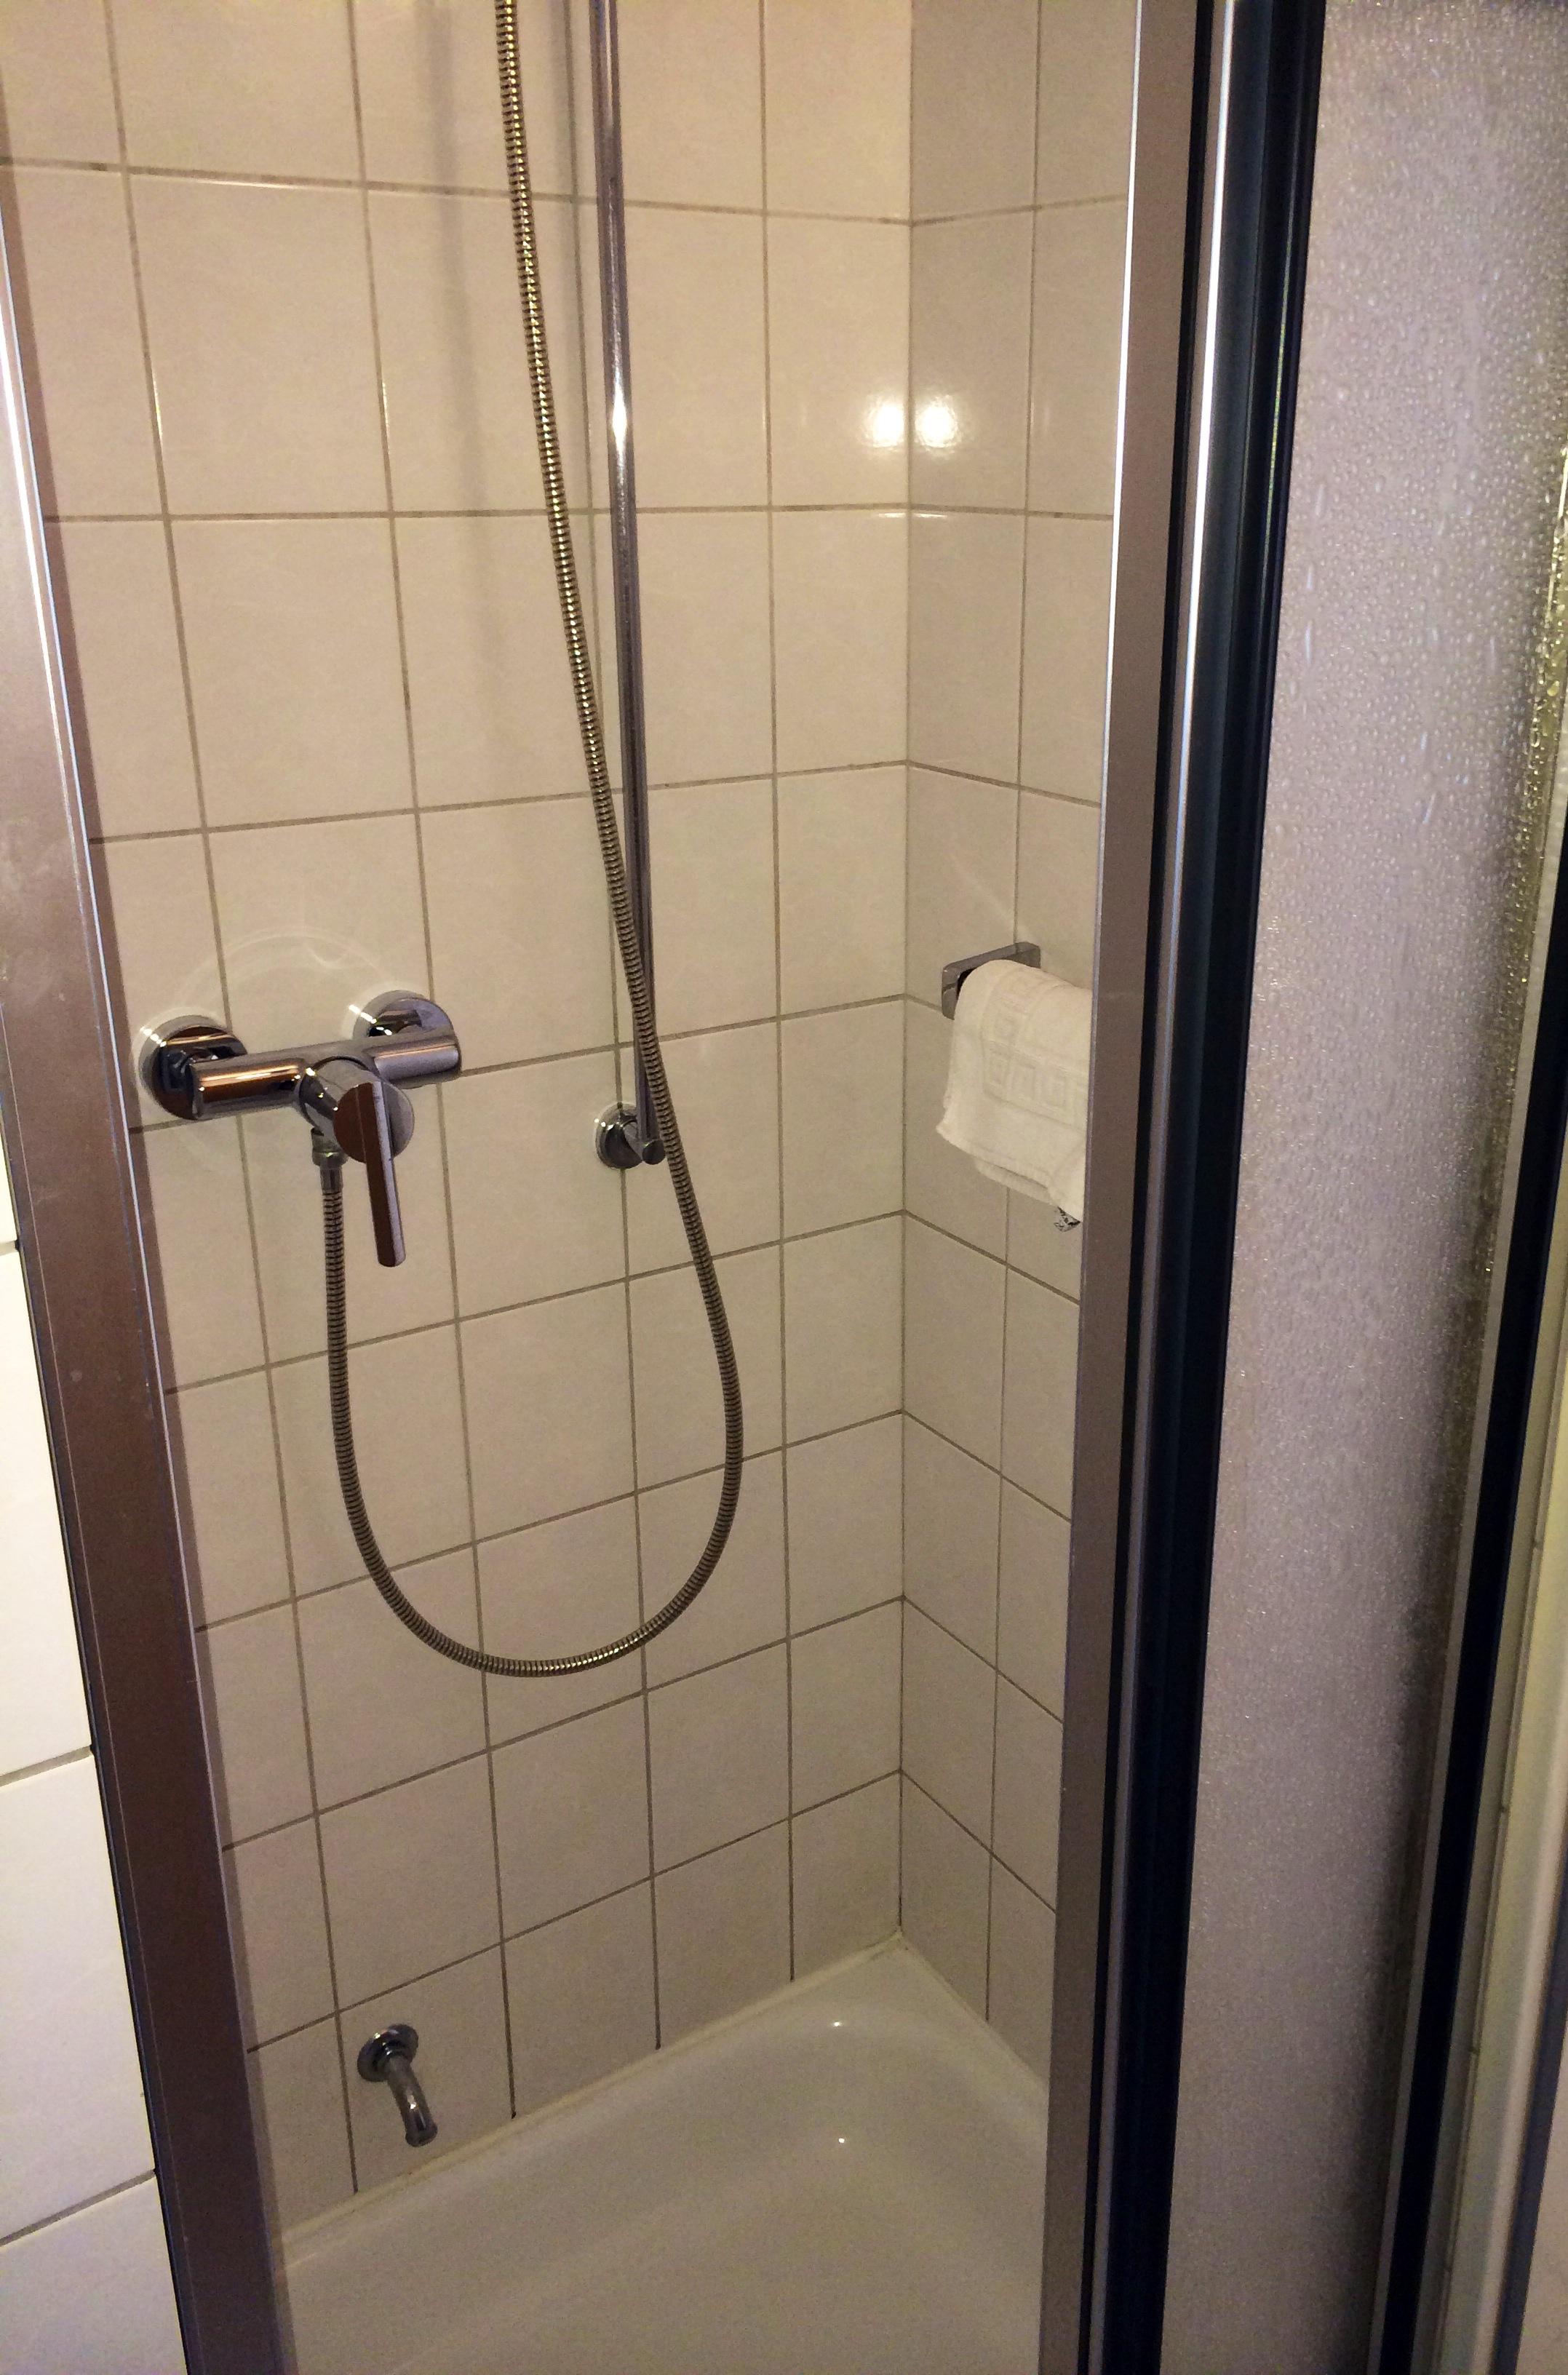 duschamaturen von grohe f r mehr duschspa im haus. Black Bedroom Furniture Sets. Home Design Ideas